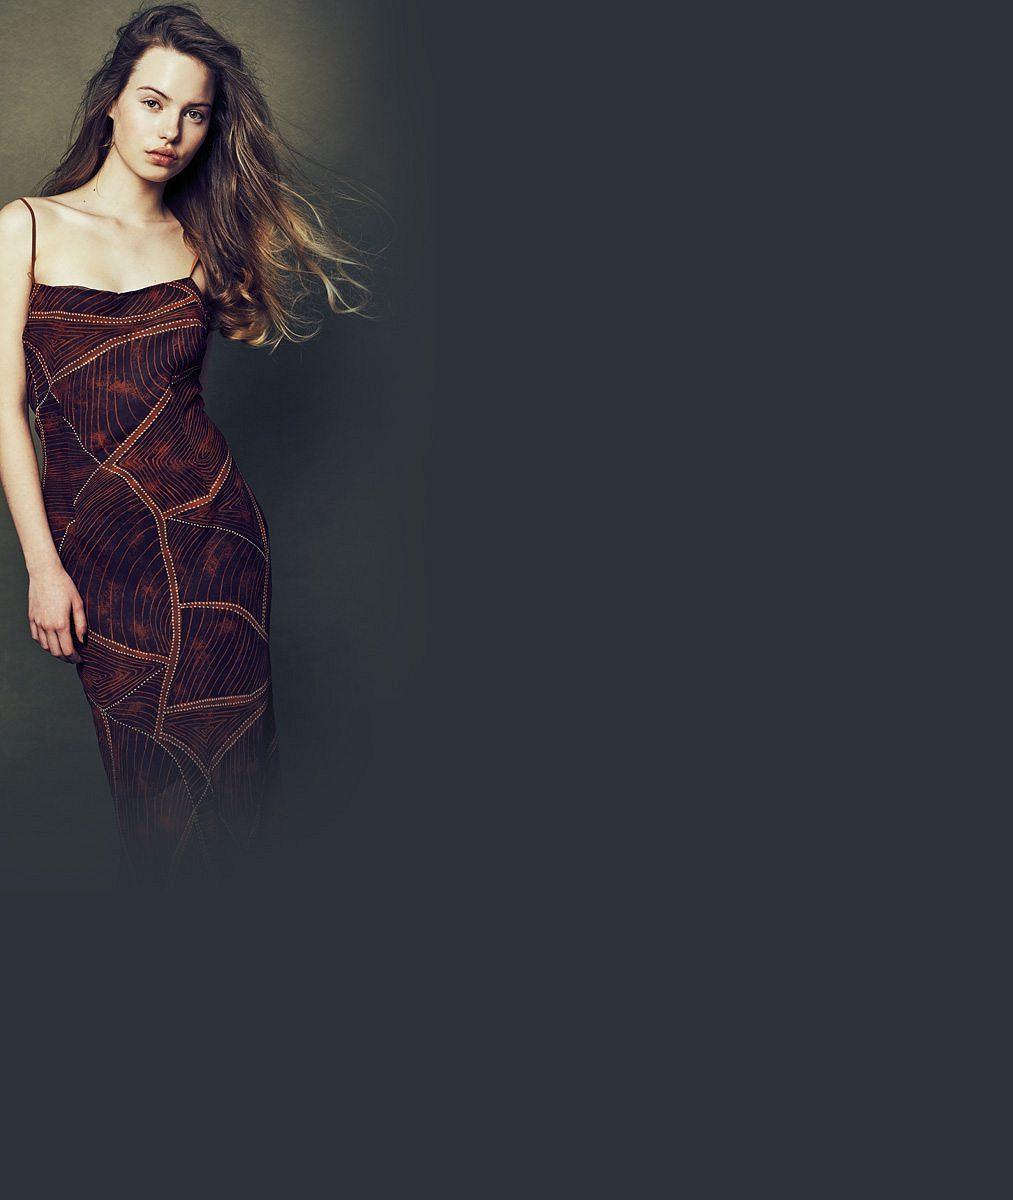 Česká modelingová líheň vyslala do světa další hvězdičku. Tato kráska splnými rty okouzluje klienty vNew Yorku